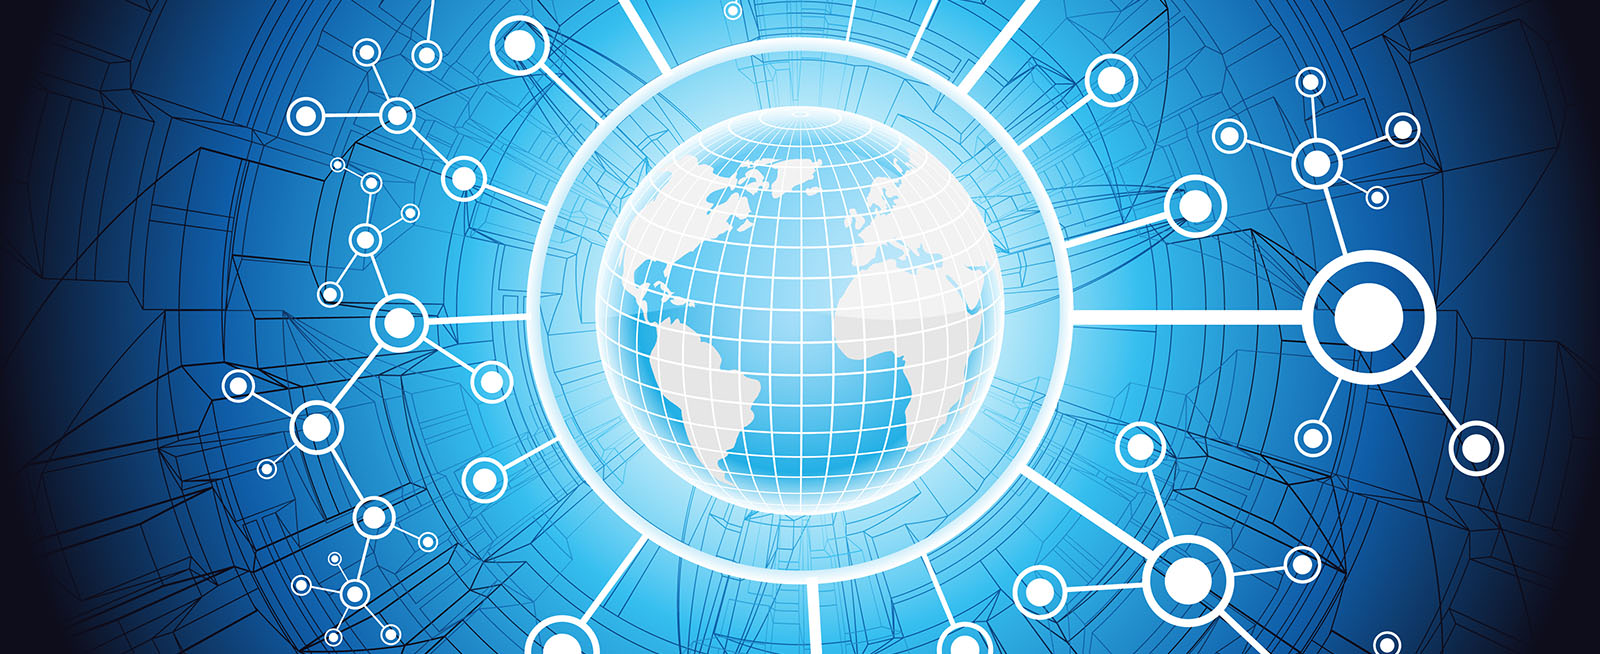 با استانداردها و سخت افزارهای اصلی شبکه بیشتر آشنا شوید